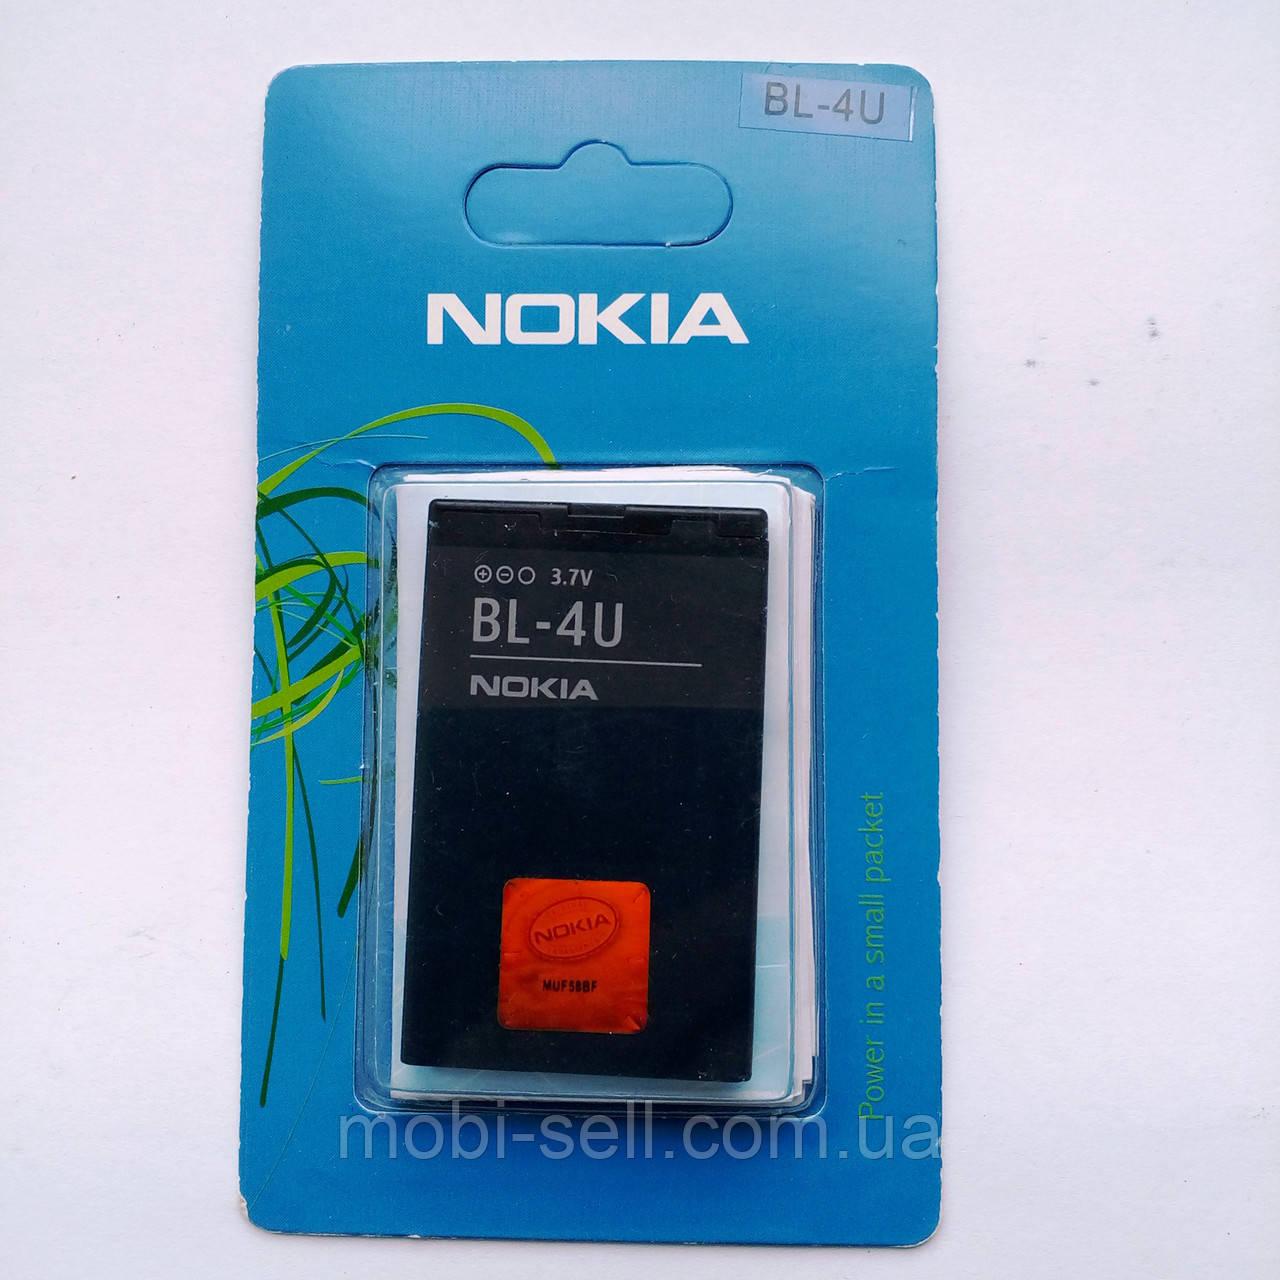 Аккумулятор Nokia BL-4U high copy original 75% 3120c, 500, 5250, 5330, 5530, 5730, 600, 6212c, 6600s, 8800 Art